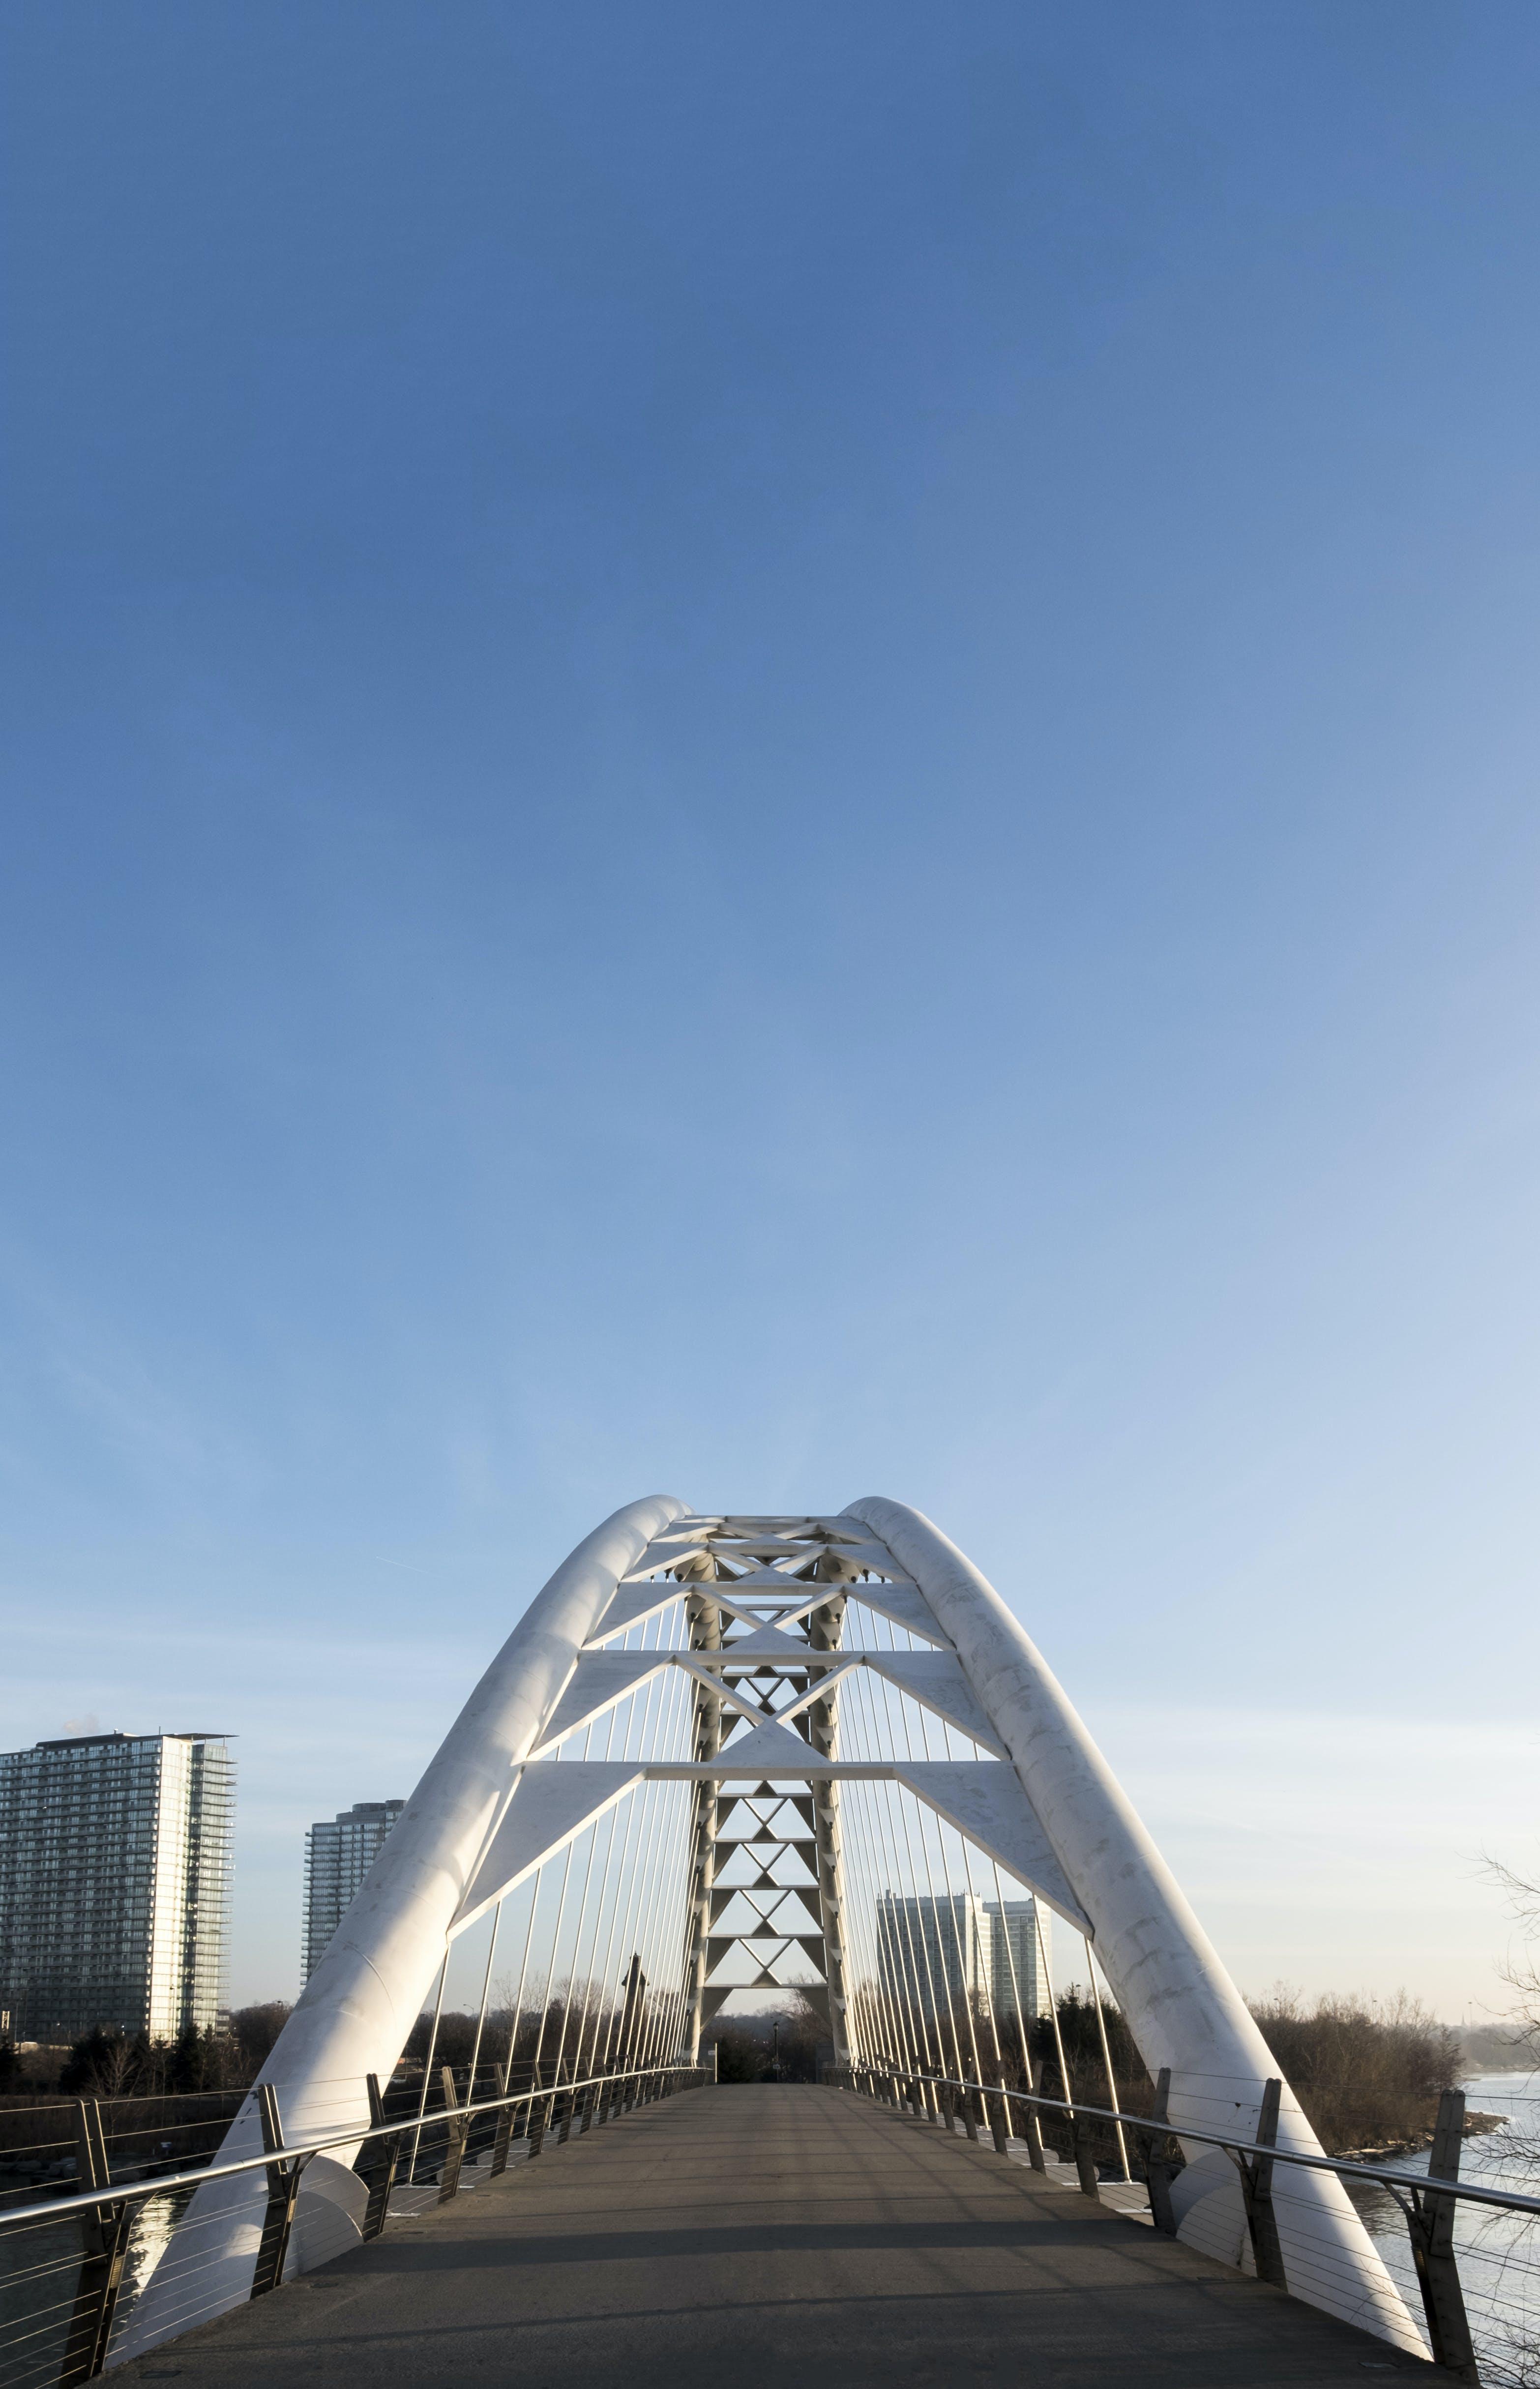 Безкоштовне стокове фото на тему «Арка, арковий міст, вода, міст»